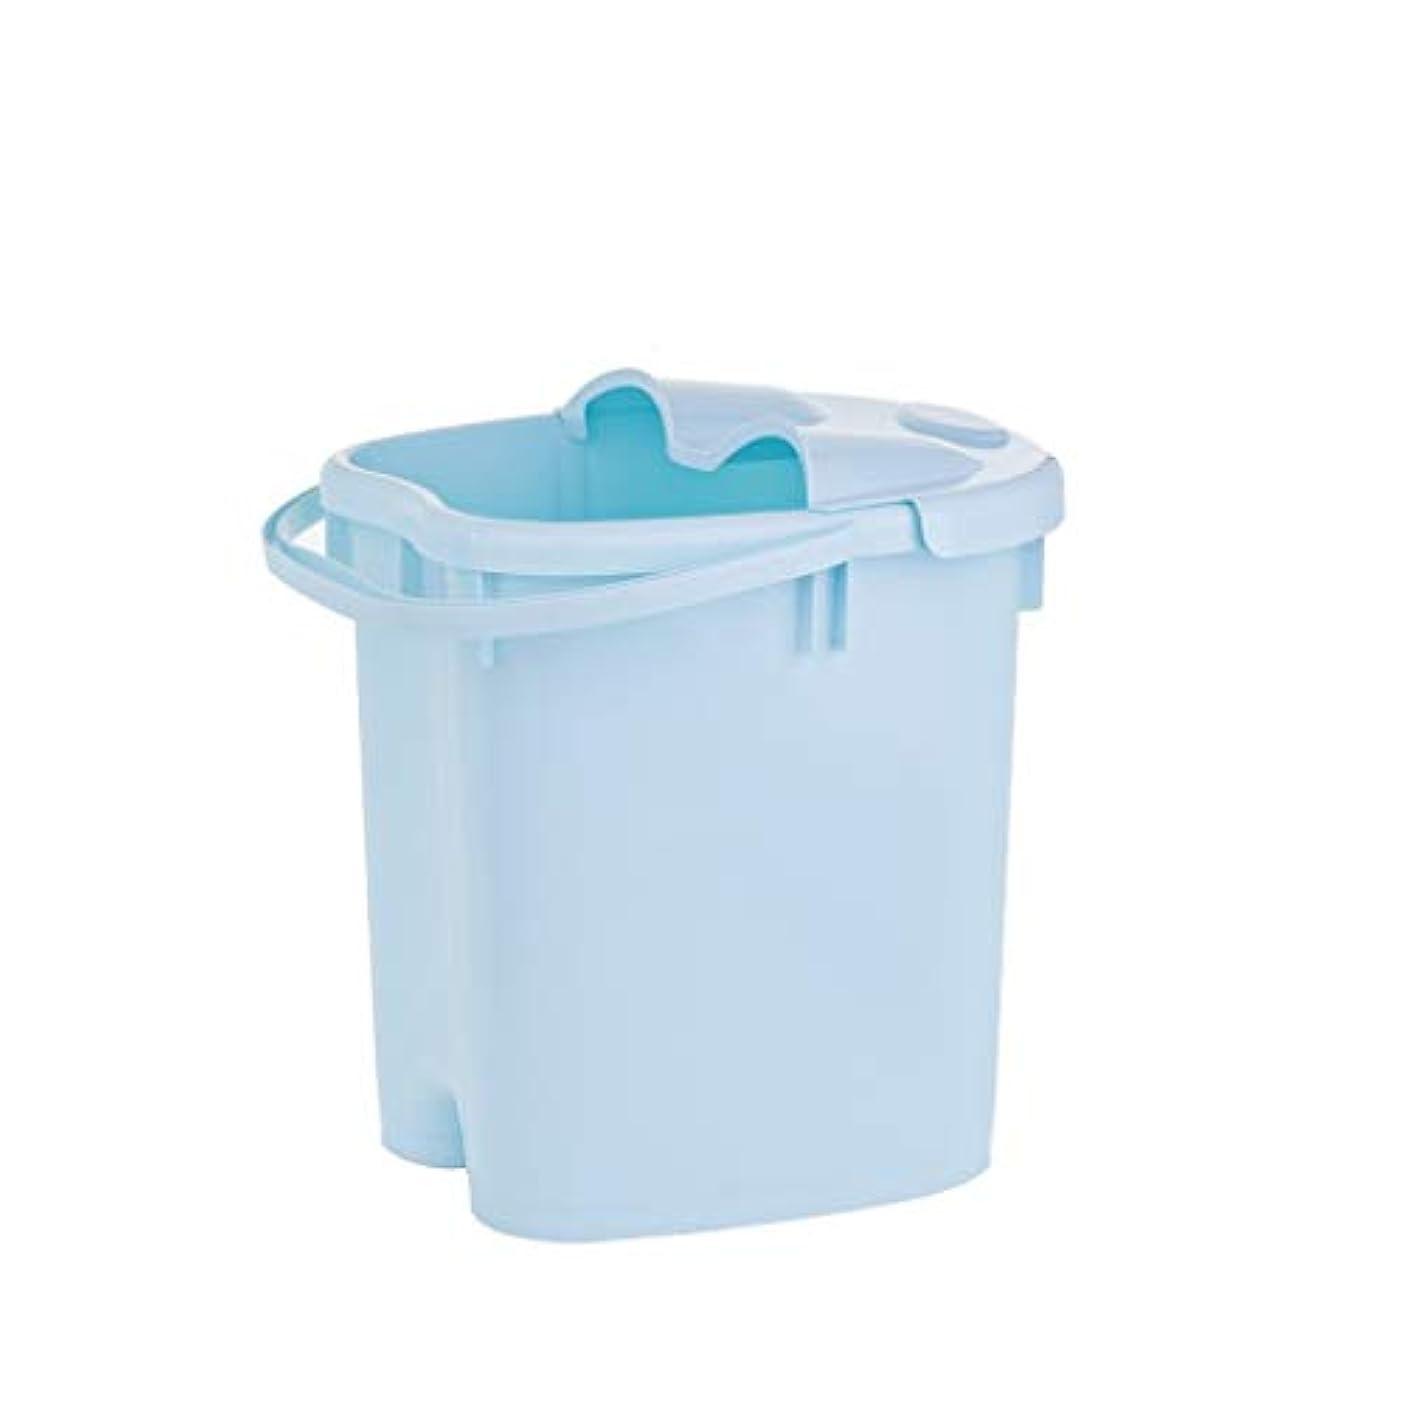 葉っぱ平凡ベルトフットバスバレル- ?AMTシンプルな和風マッサージ浴槽ポータブル足湯バケツプラスチック付きふた保温足浴槽 Relax foot (色 : 青, サイズ さいず : 39cm high)